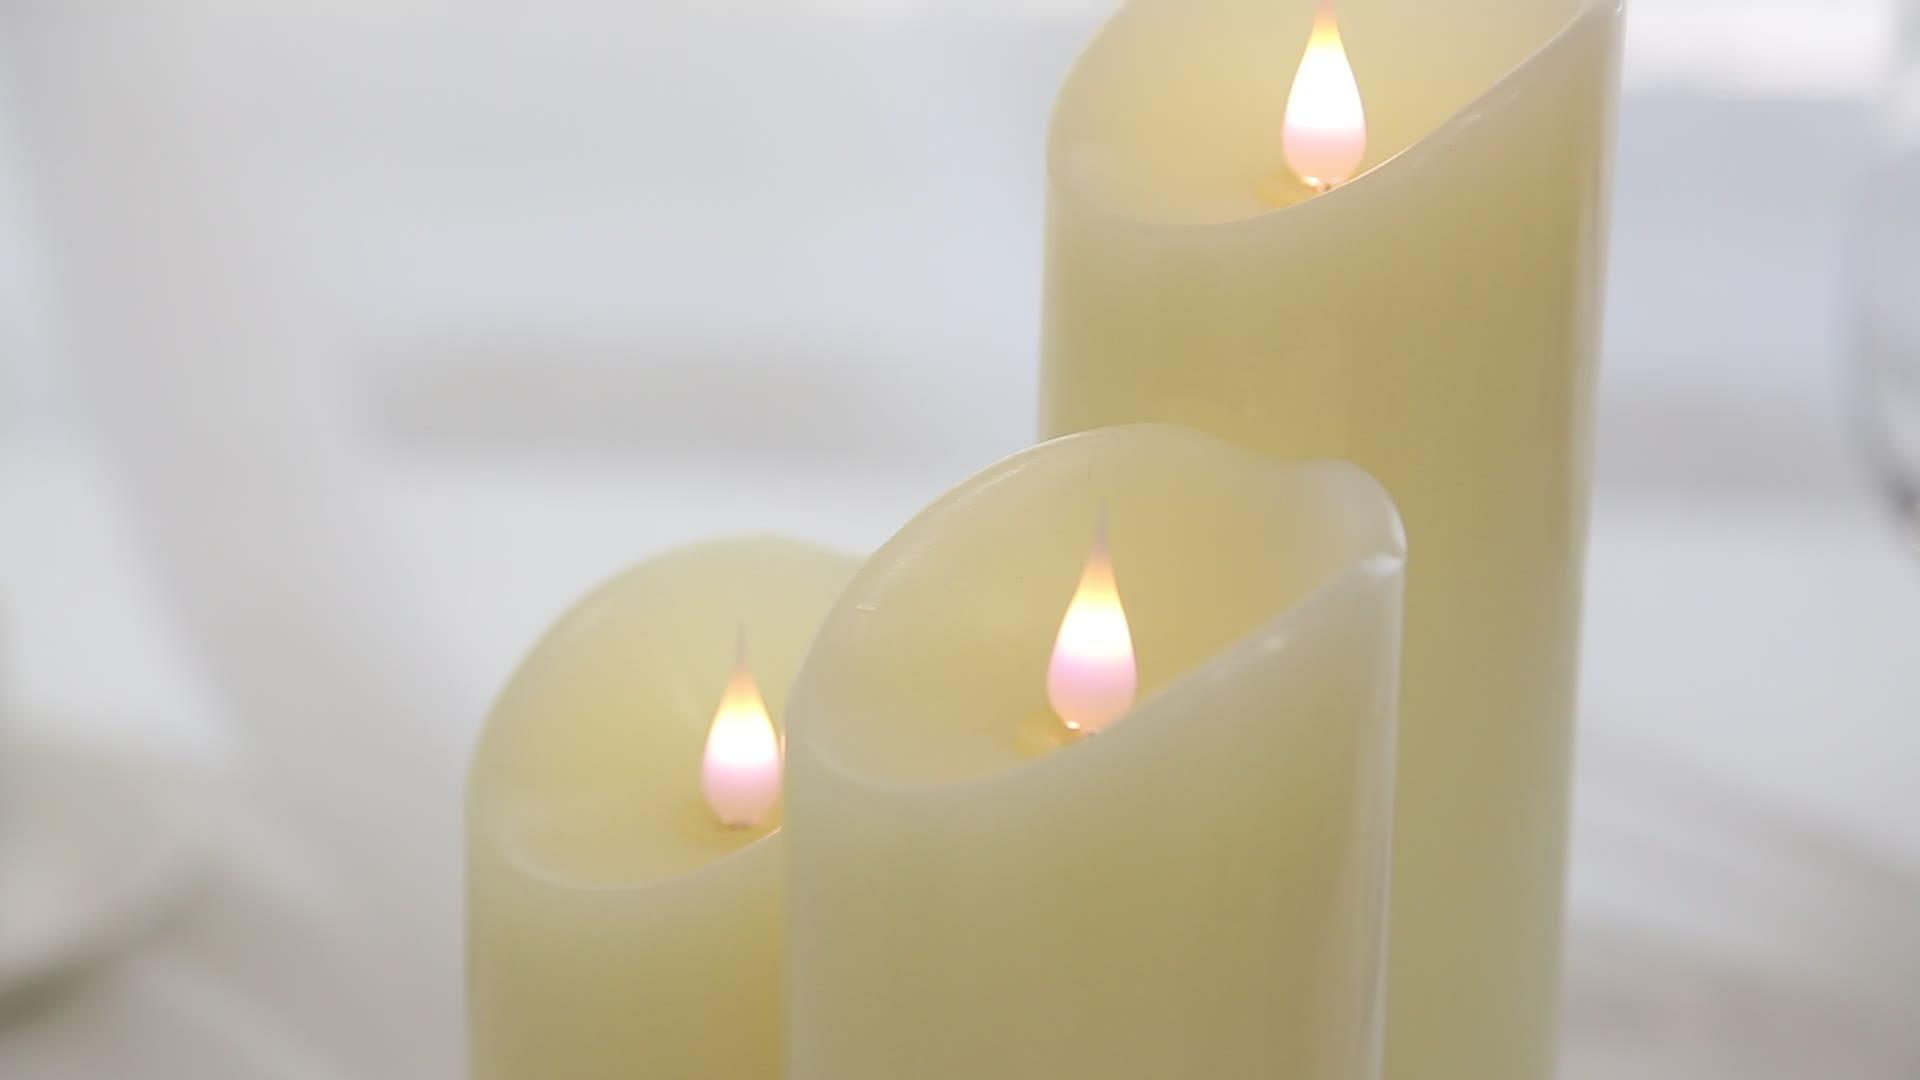 Flameless मोमबत्तियाँ बैटरी संचालित स्तंभ असली मोम चंचल बिजली रिमोट कंट्रोल के साथ मोमबत्ती का नेतृत्व किया